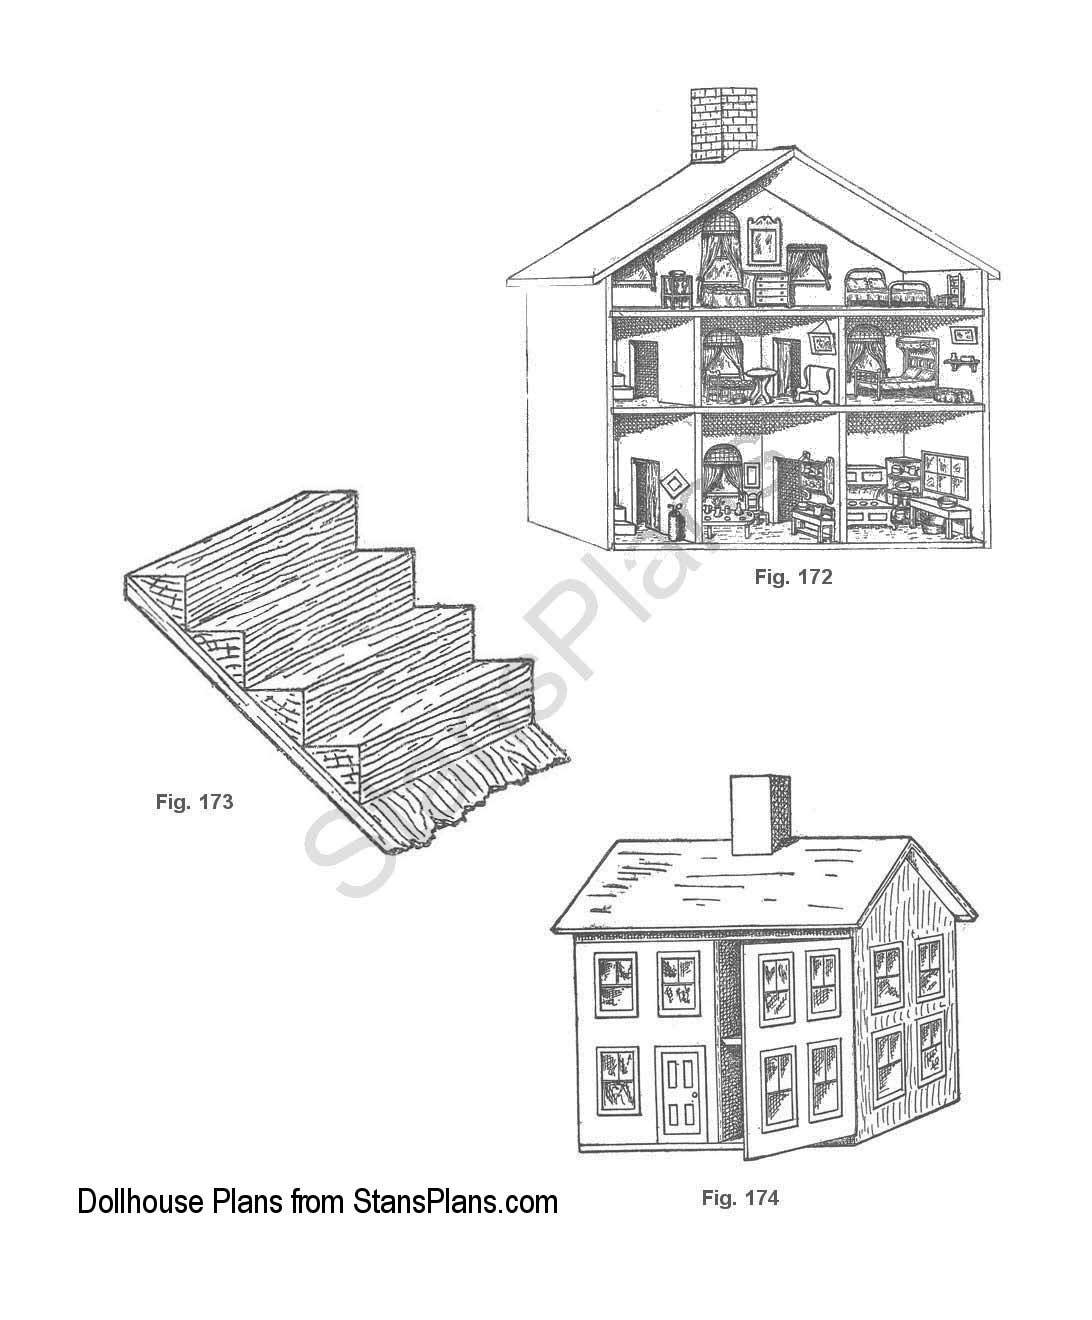 Free Printable Woodworking Plans - Uma Printable - Free Printable Woodworking Plans